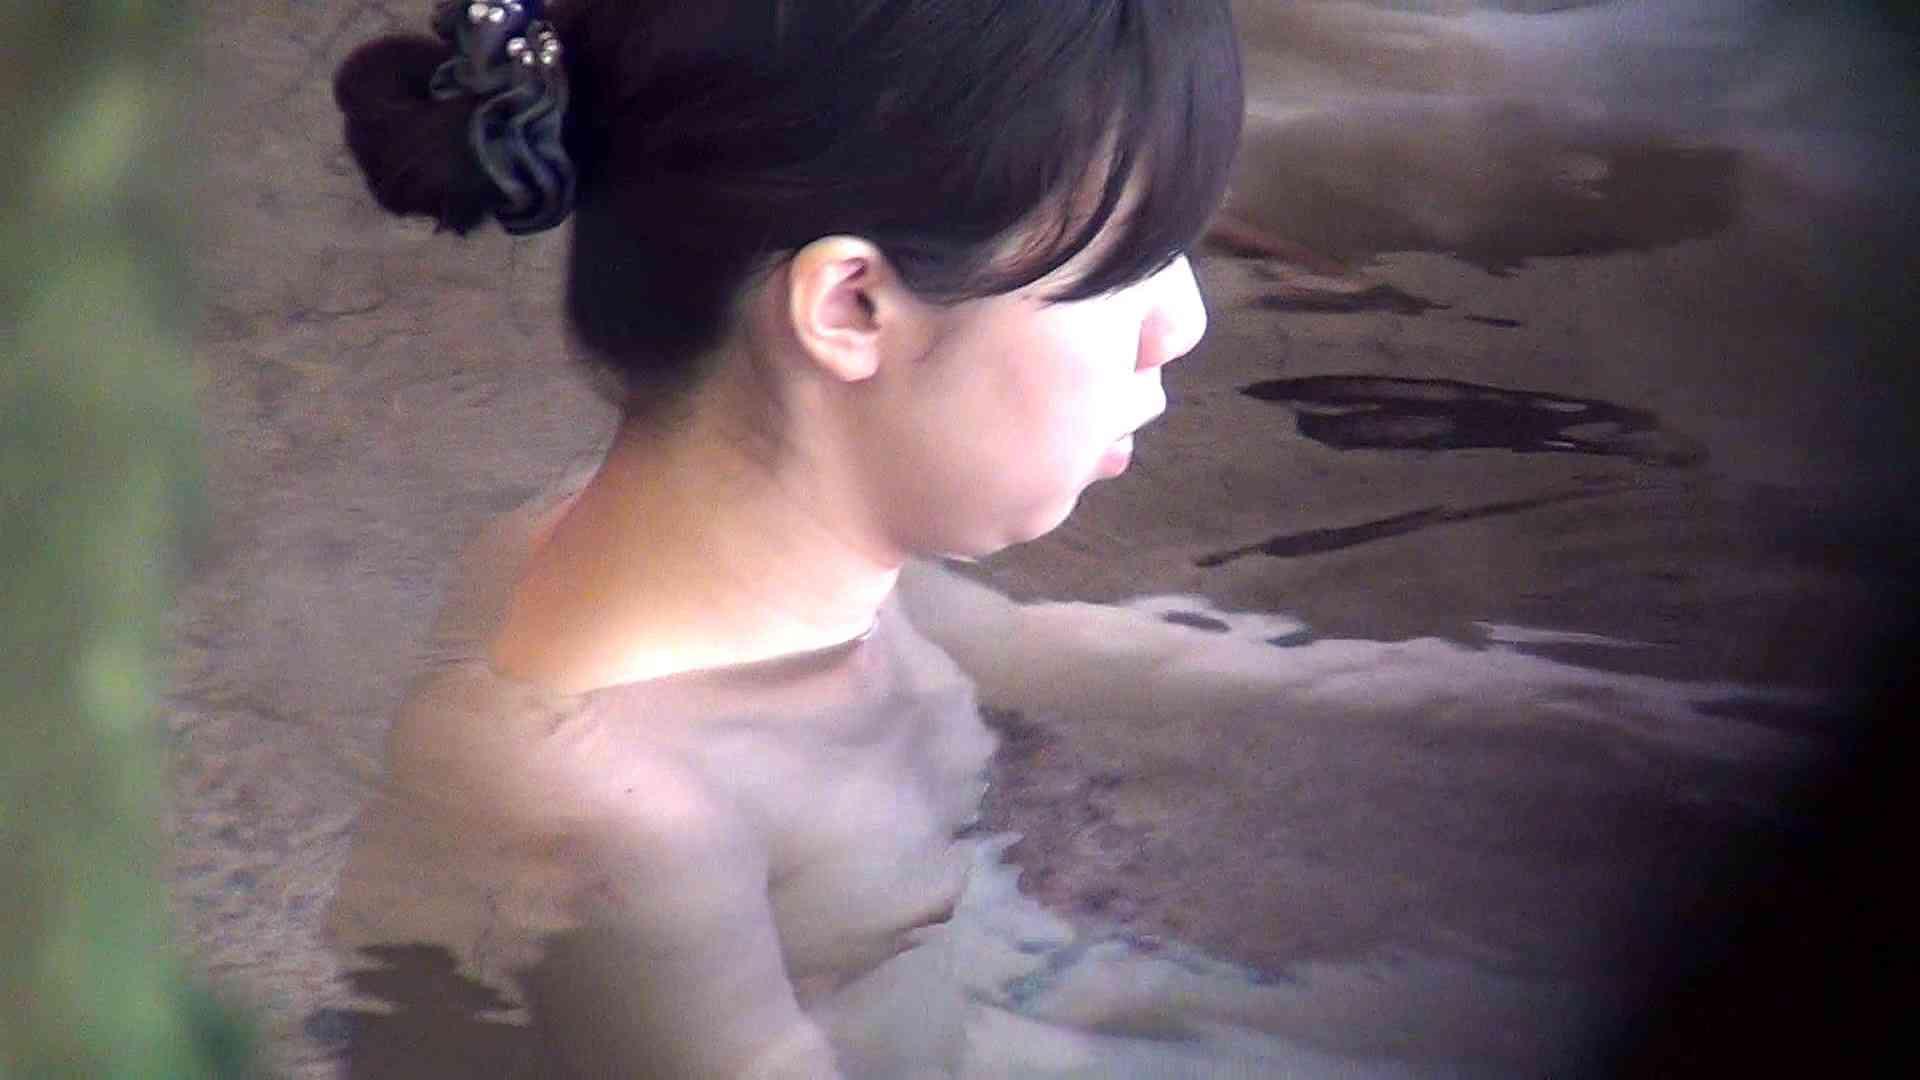 Aquaな露天風呂Vol.285 OLのエロ生活  24連発 24